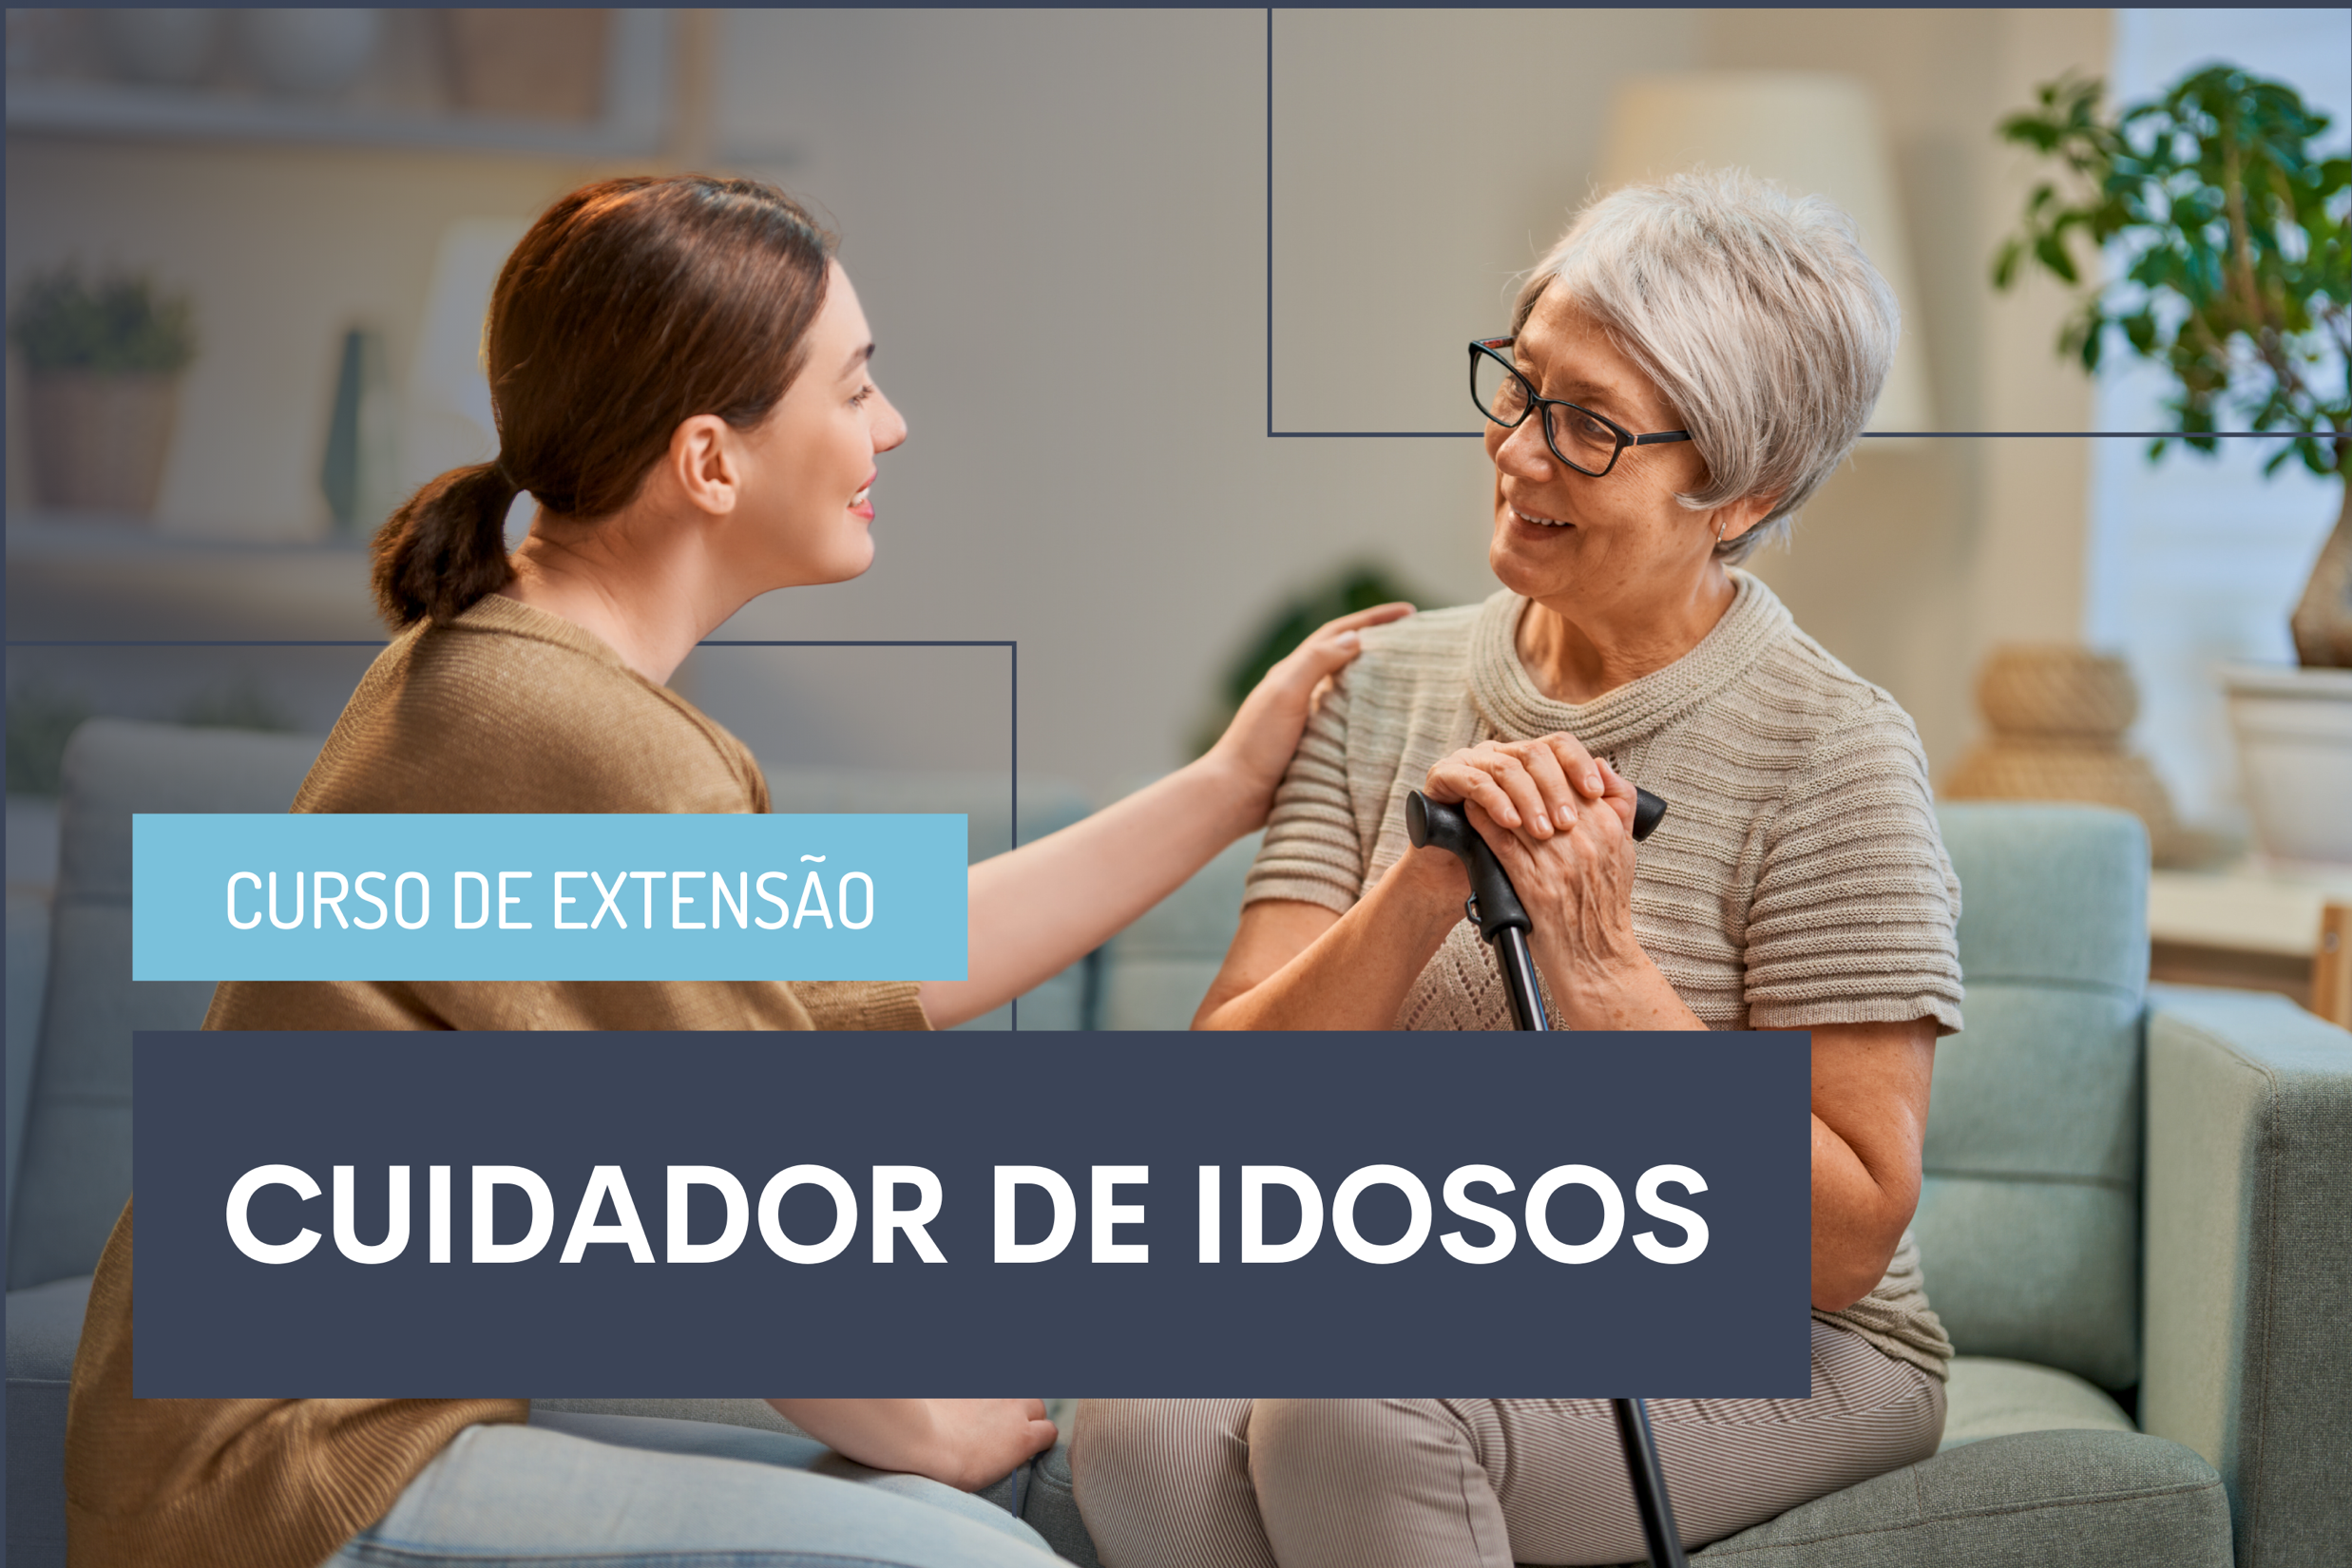 Filiados Ibross têm 20% de desconto em capacitação para cuidador de idosos